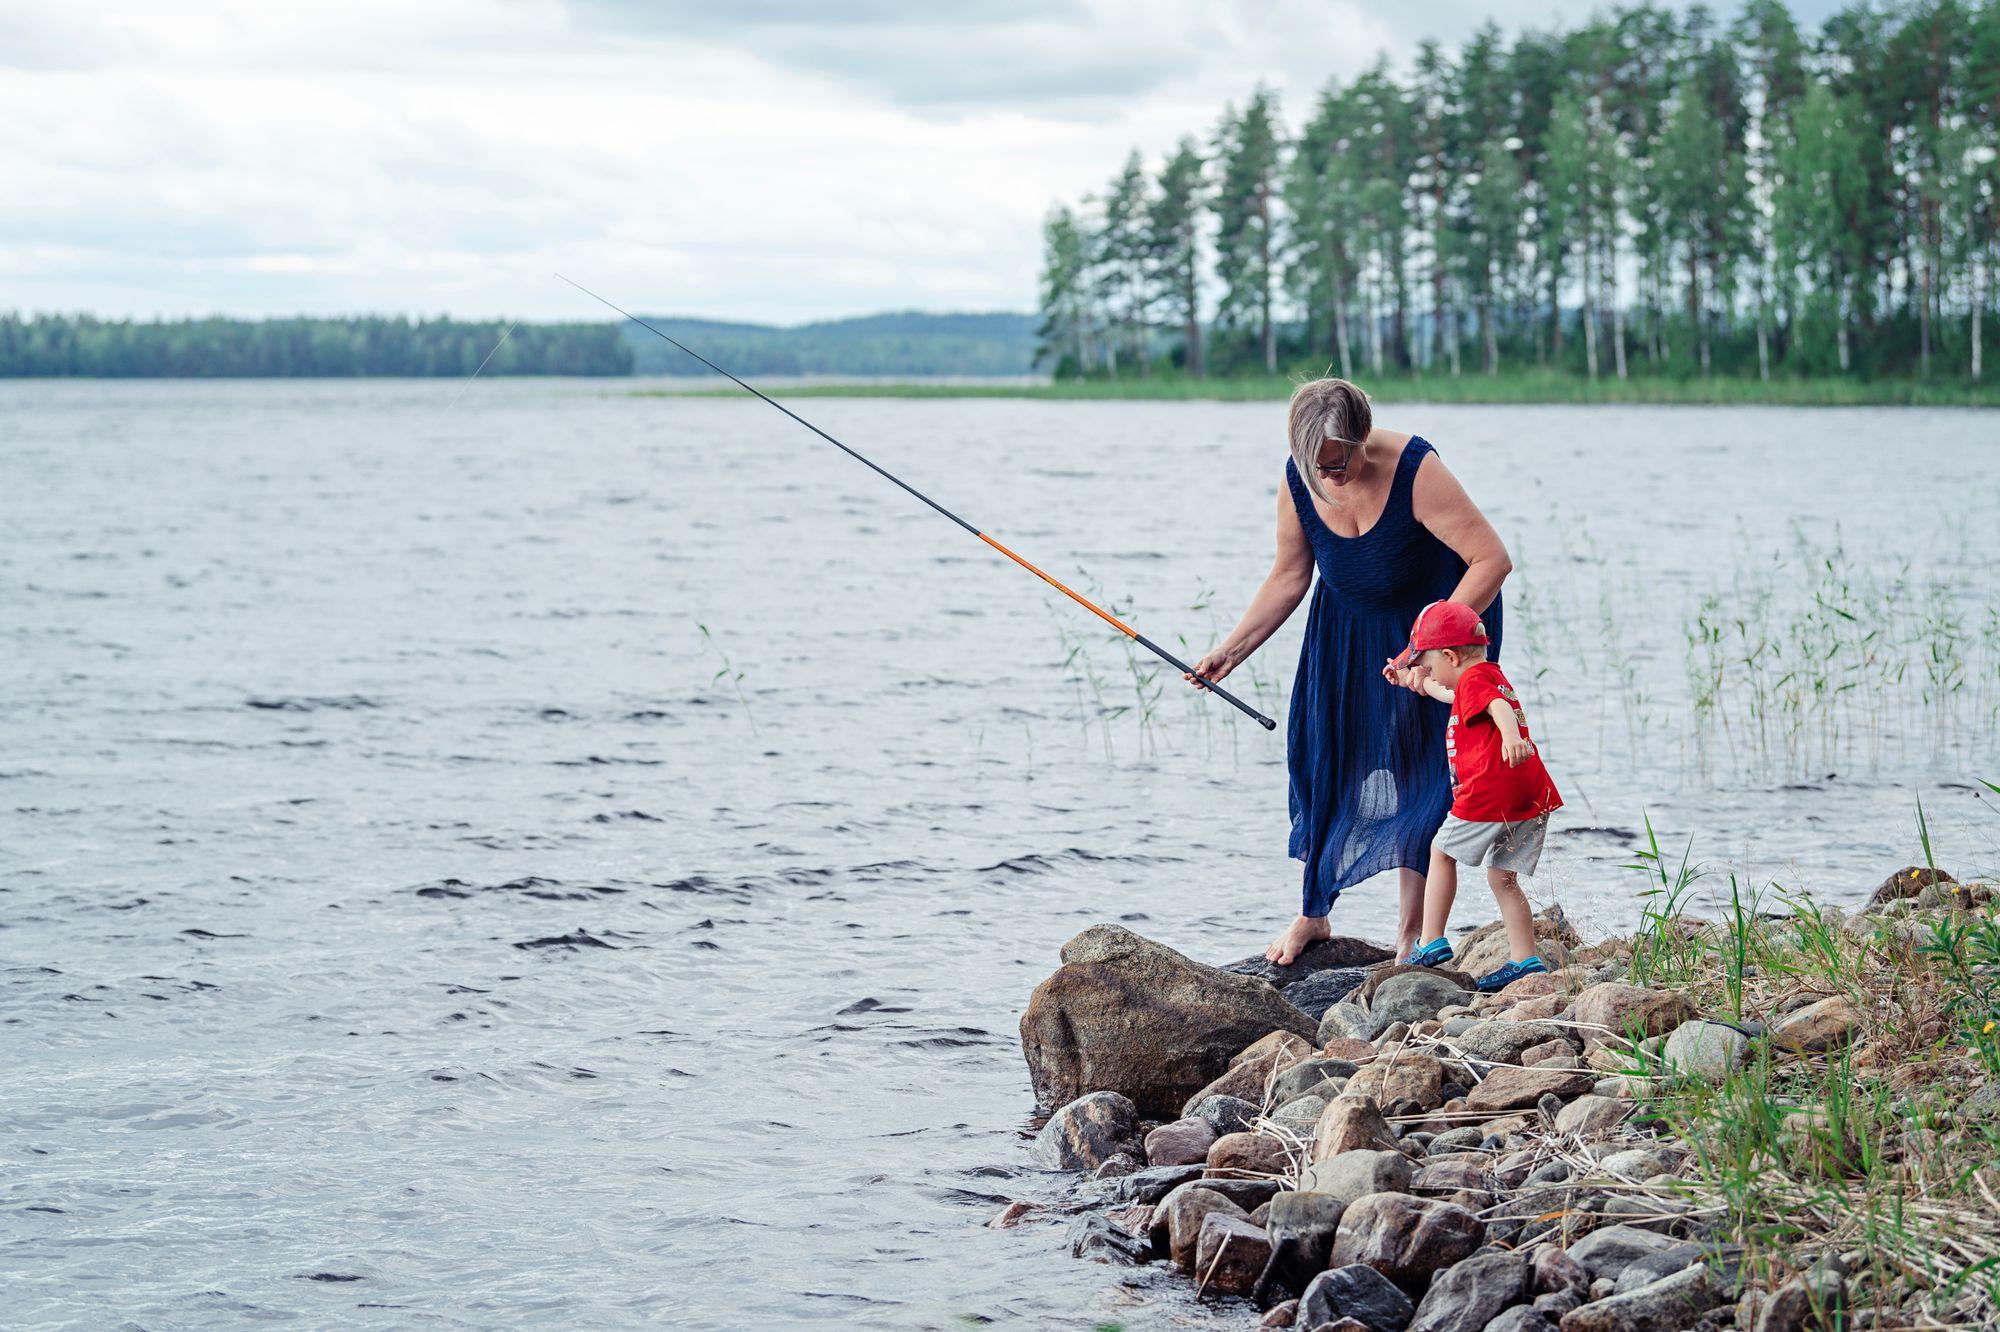 Mummi laittaa madon koukkuun. Innokas kalastaja Jimi toivoo ahvenia. © Pihla Liukkonen